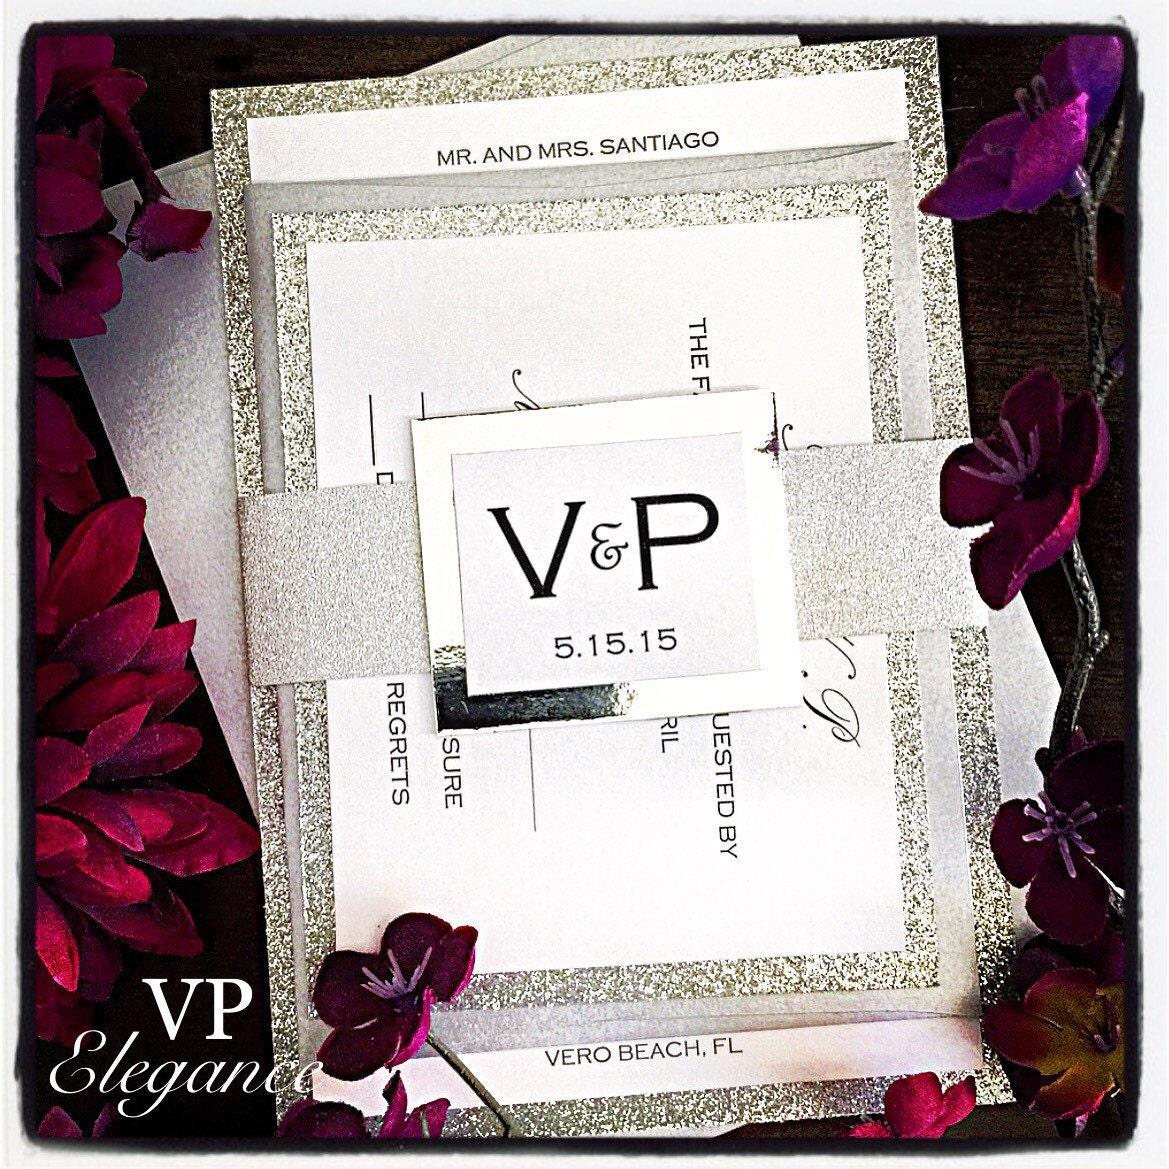 Silver Wedding Invitations: Silver Wedding Invitation Silver Glitter Wedding Invitation